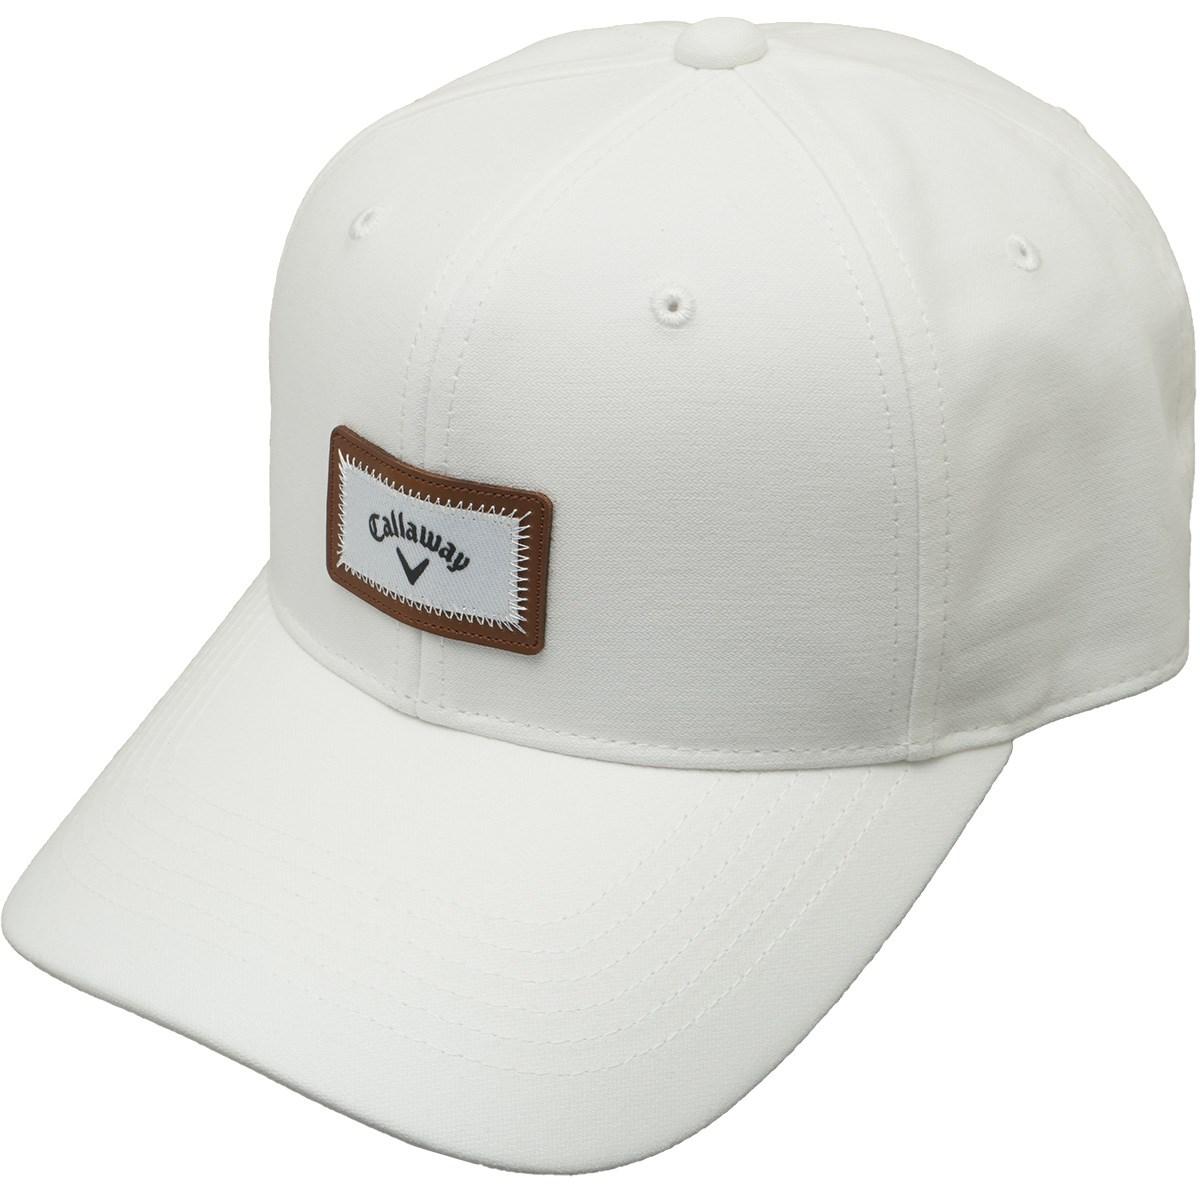 キャロウェイゴルフ Callaway Golf モチーフキャップ フリー ホワイト 1030